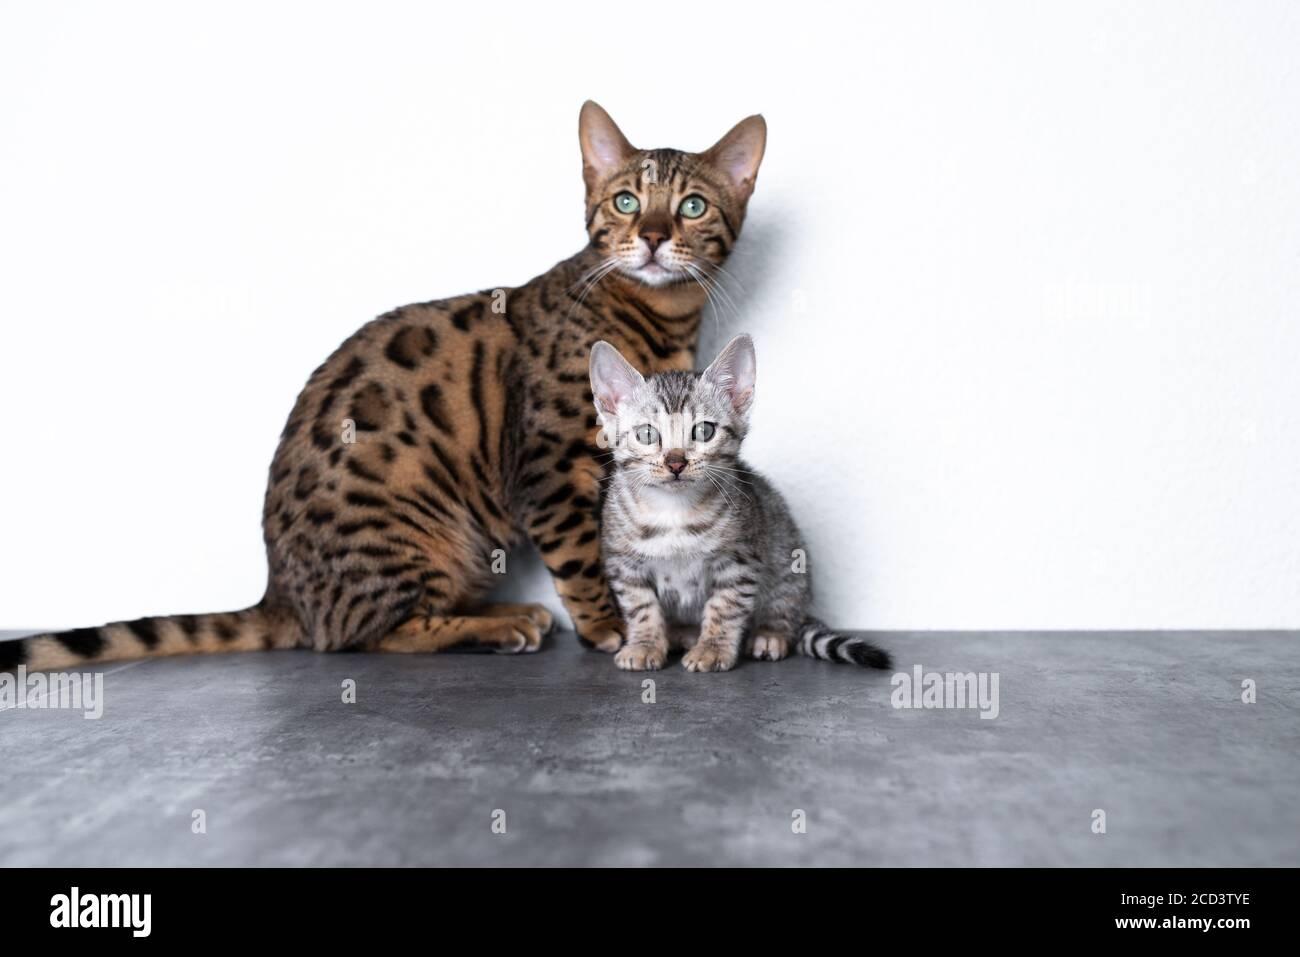 dos gatitos de bengala de pie en el suelo de hormigón delante de pared blanca mirando la cámara curiosamente Foto de stock